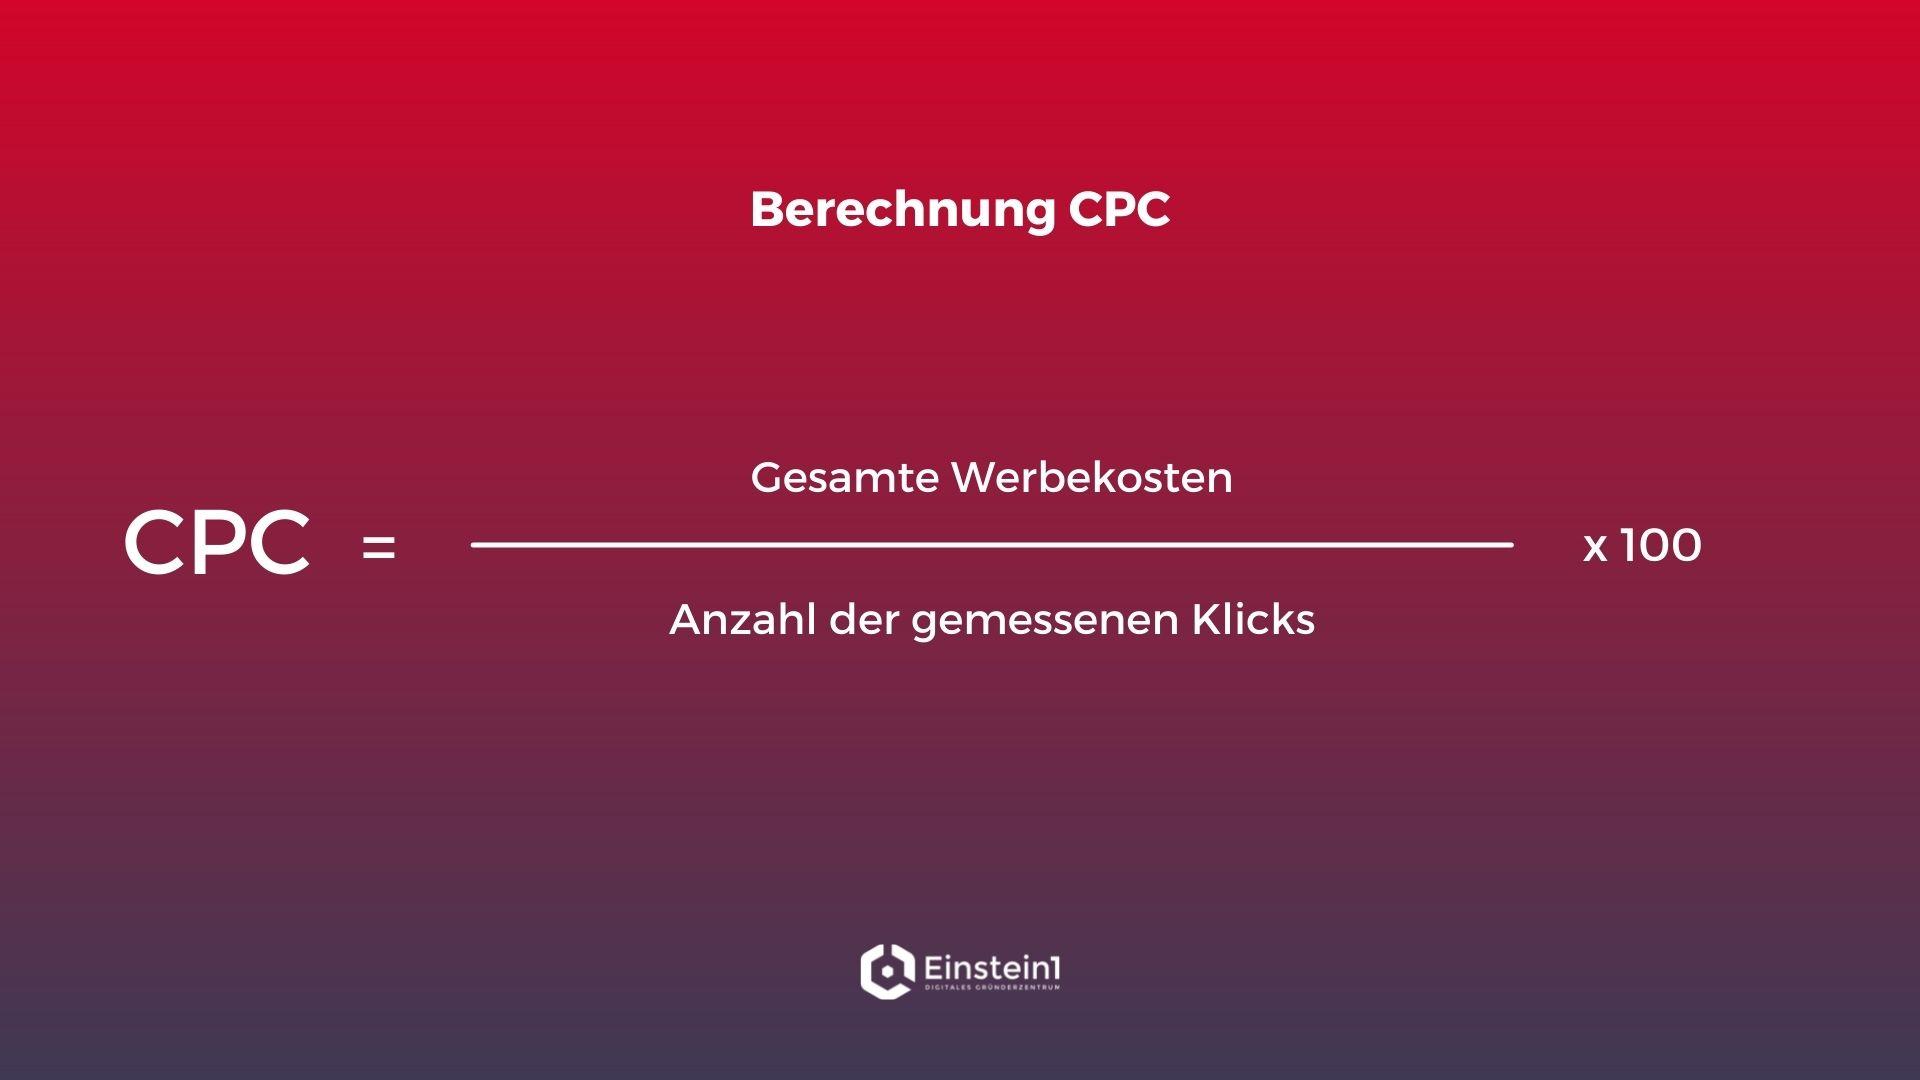 kennzahlen-online-marketing-cost-per-click-einstein1